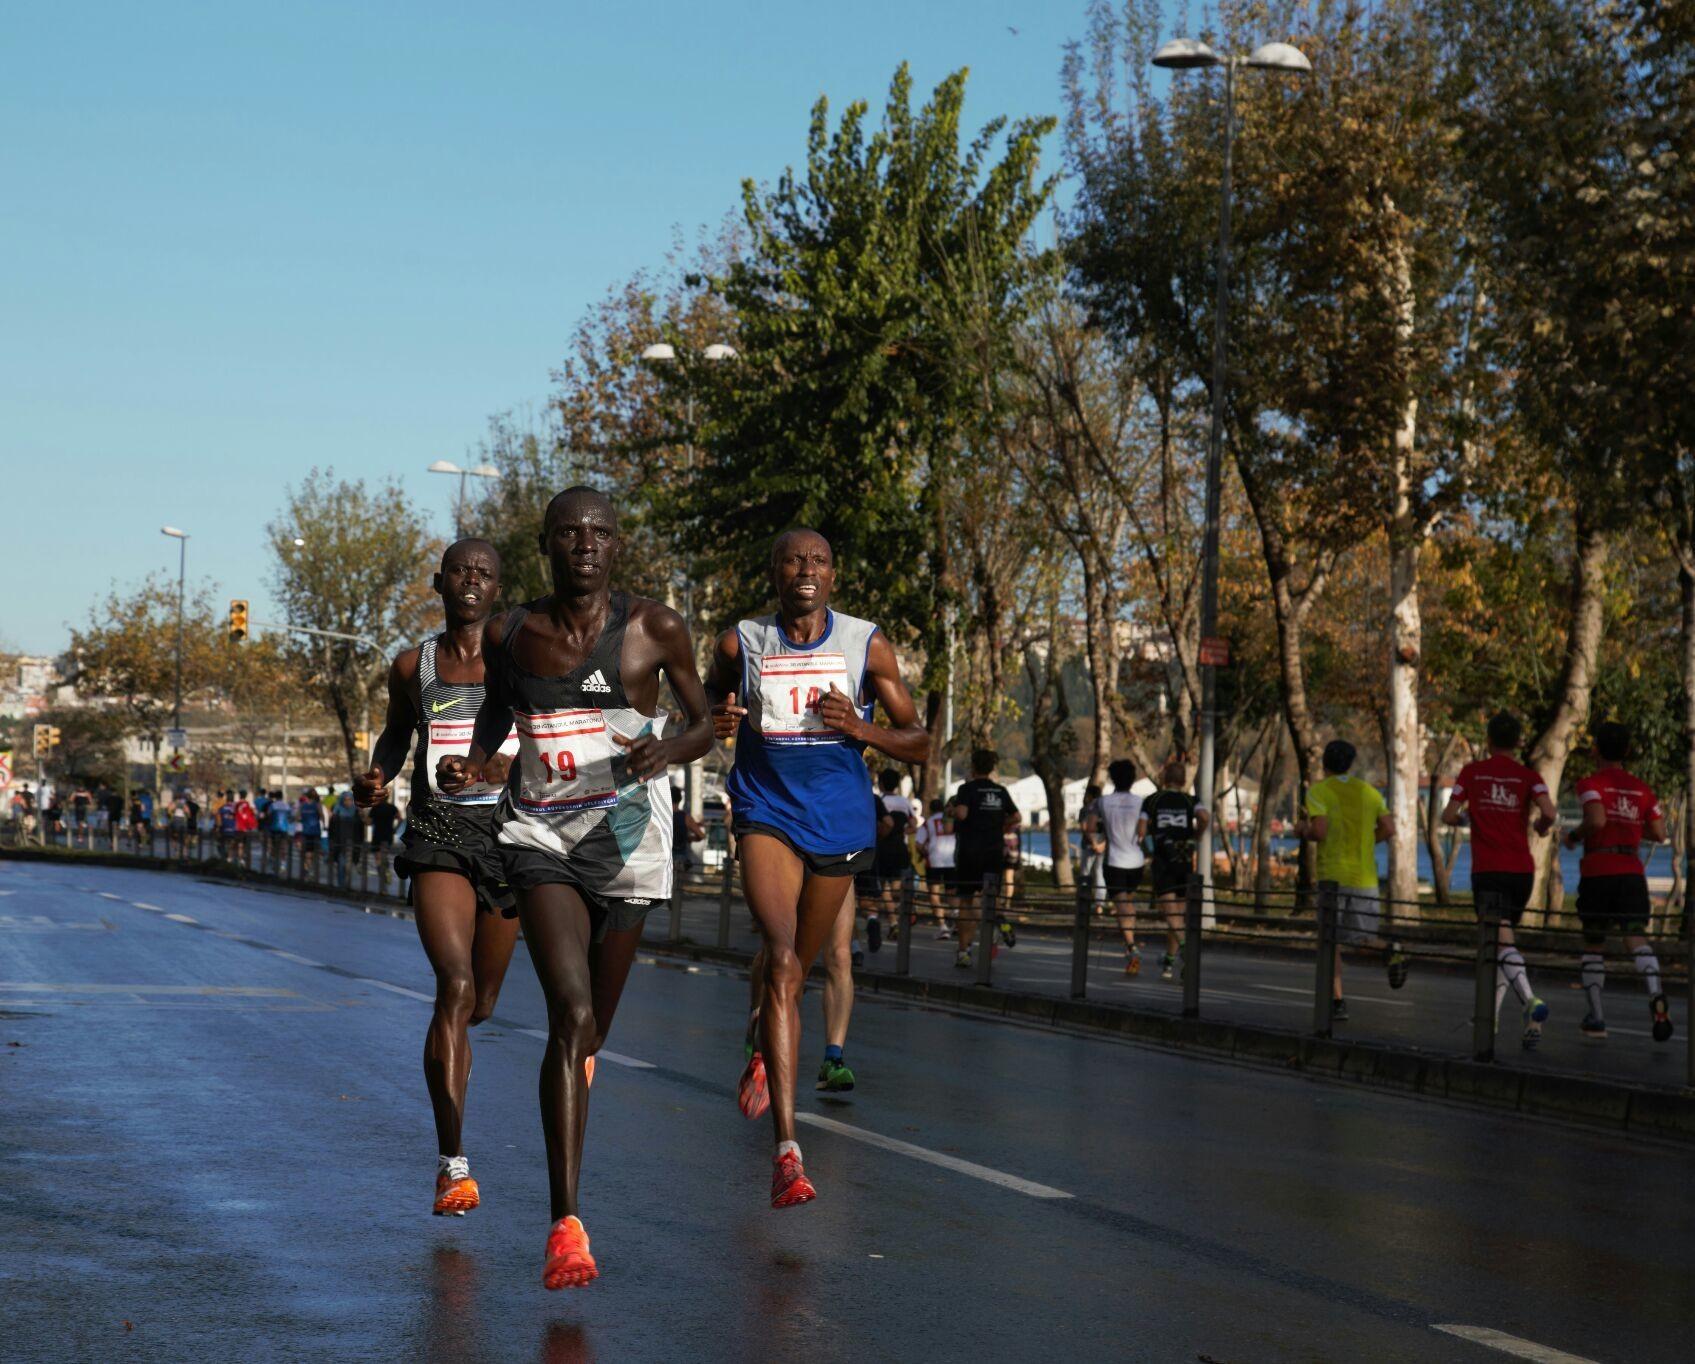 38. Vodafone İstanbul Maratonu. 53.000 sporcu 42 km 195 m. Koşuldu...